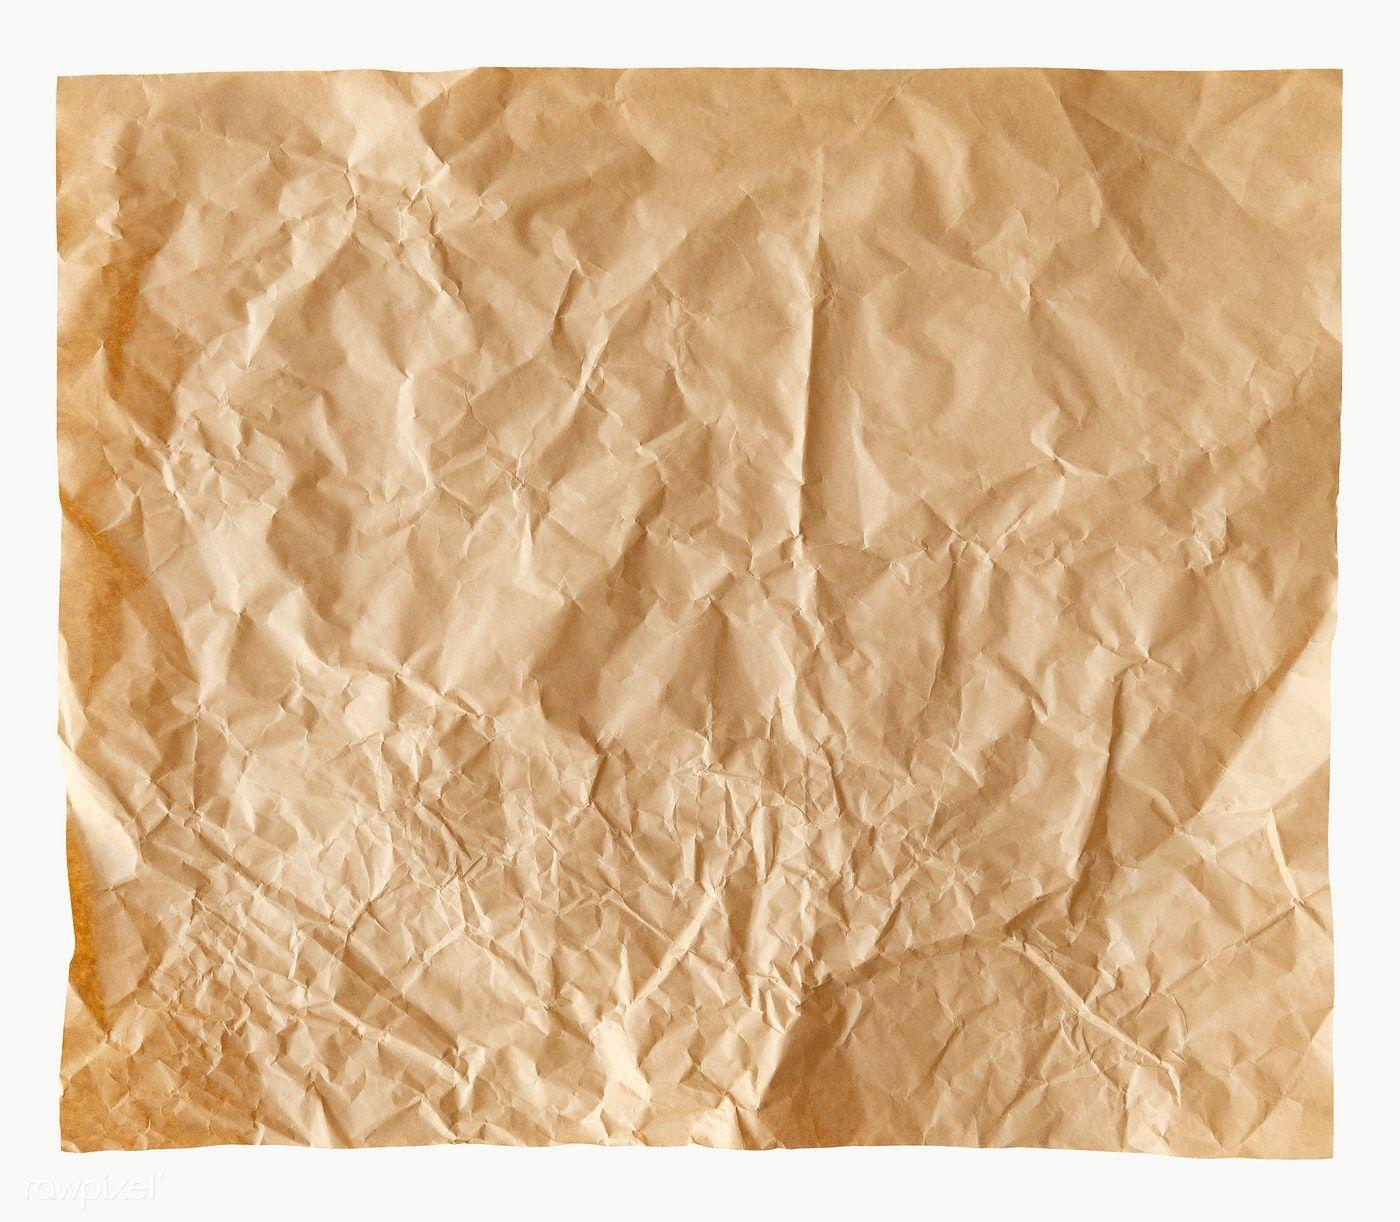 Crumpled Paper Texture Scrapbook Overlay Overlays Paper Background Texture Old Paper Background Crumpled Paper Textures